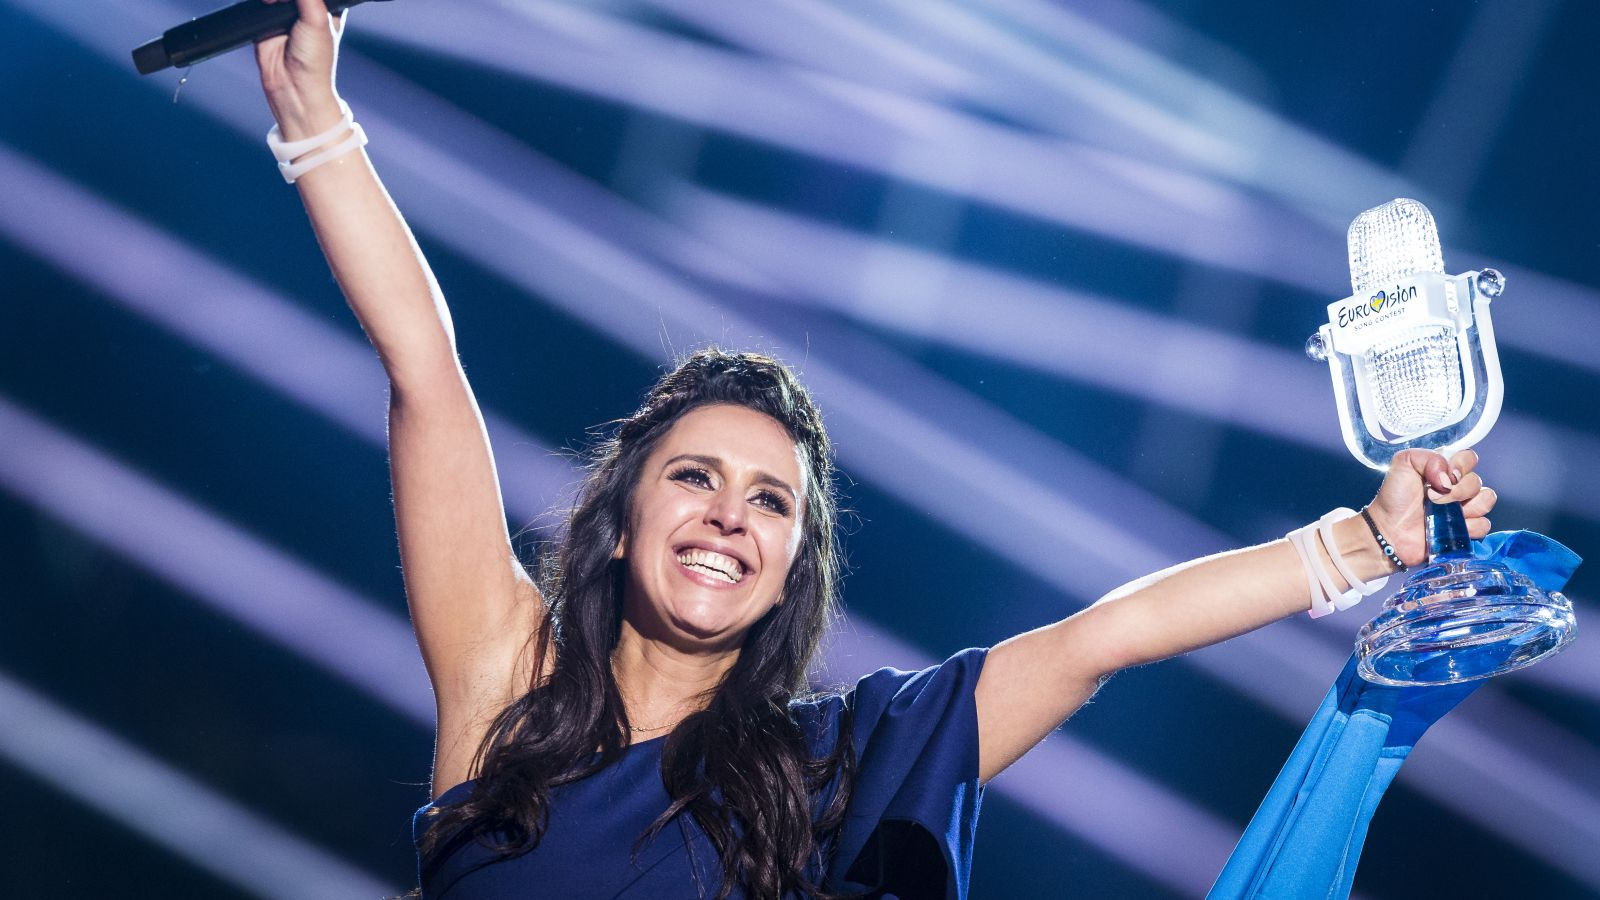 «Євробачення», фінал, перемога: післямова та враження від побаченого